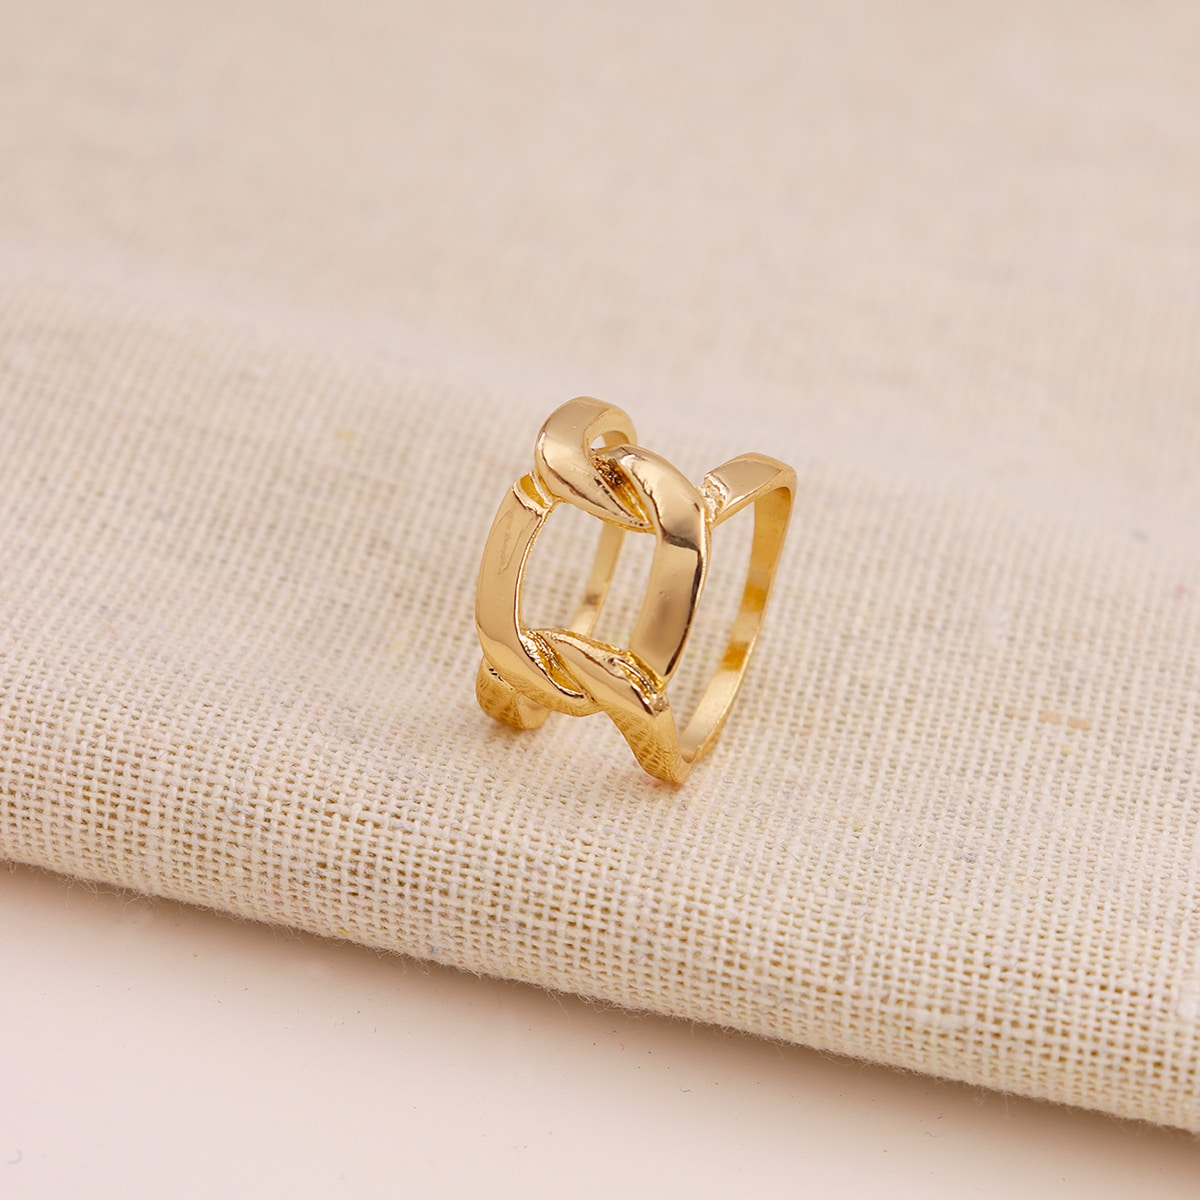 Полое кольцо фото